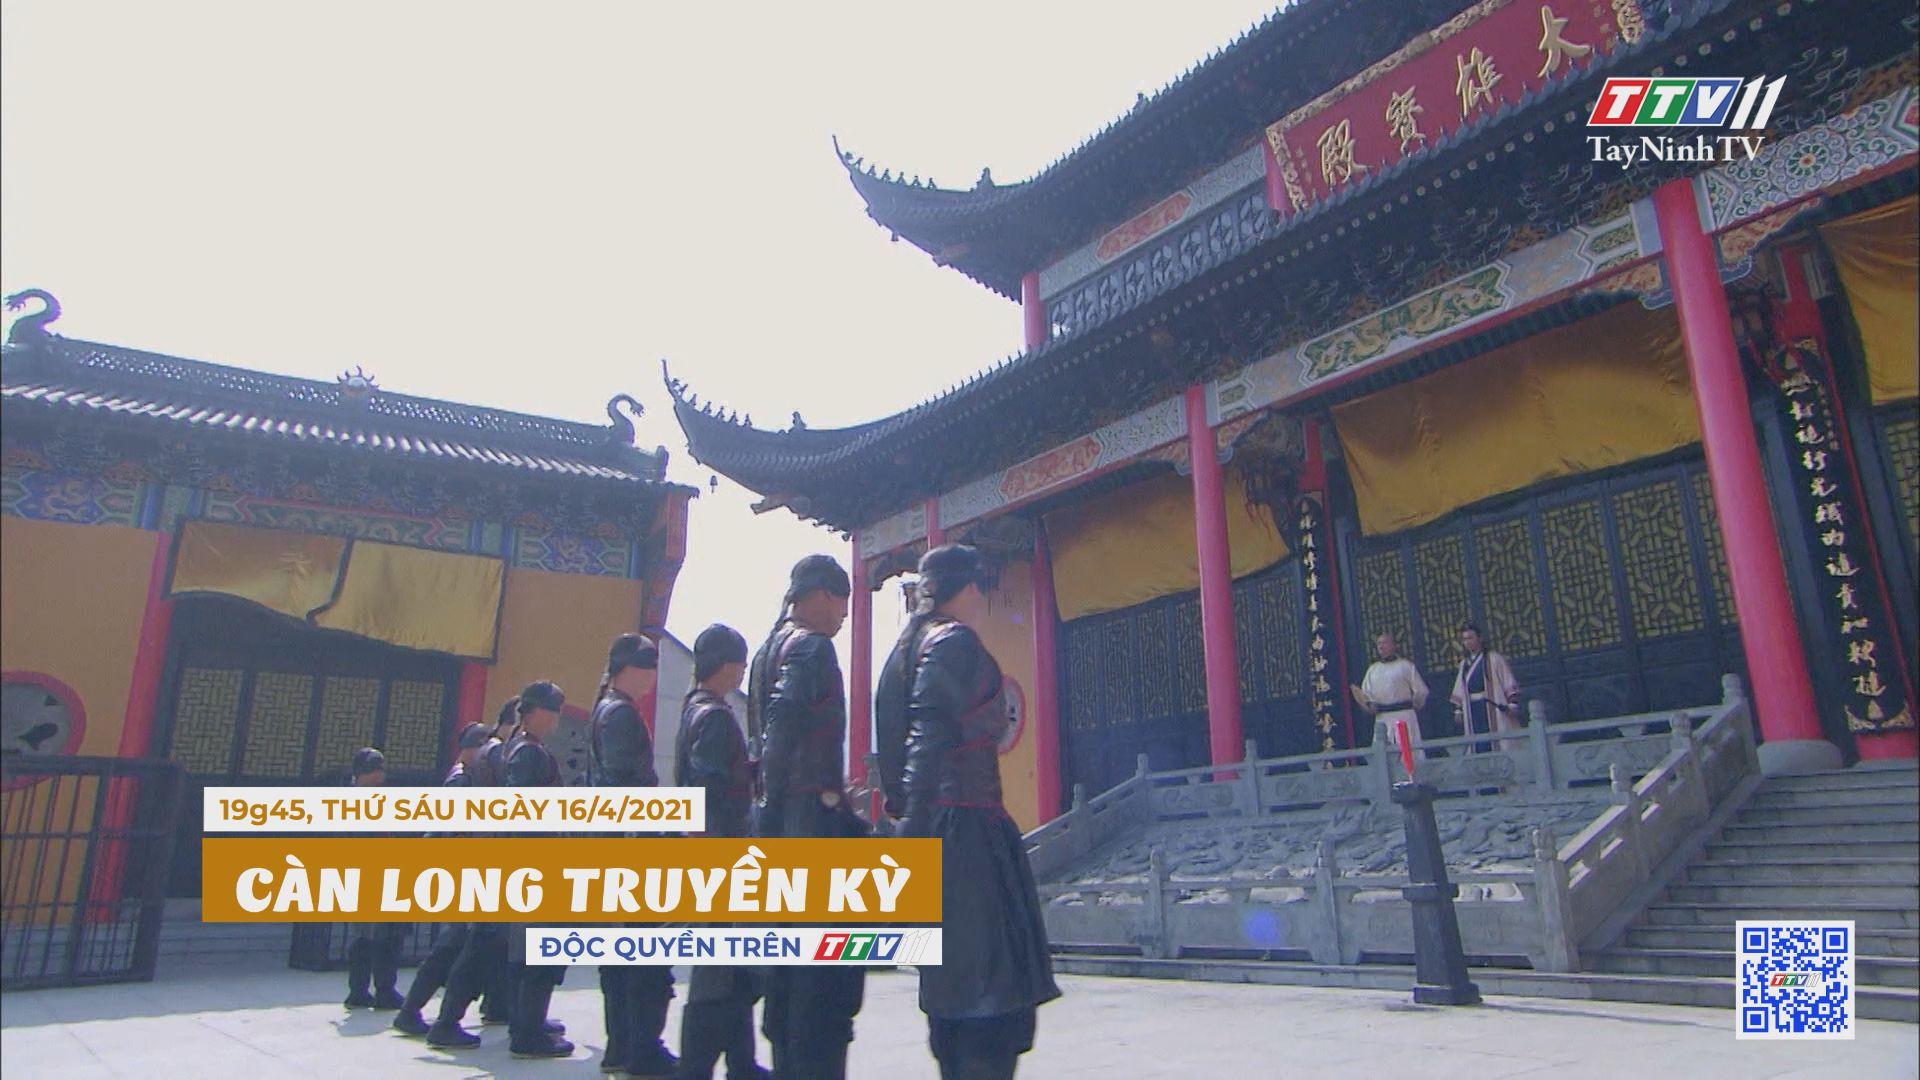 Càn Long truyền kỳ-Trailer tập 1 | PHIM CÀN LONG TRUYỀN KỲ | TayNinhTVE